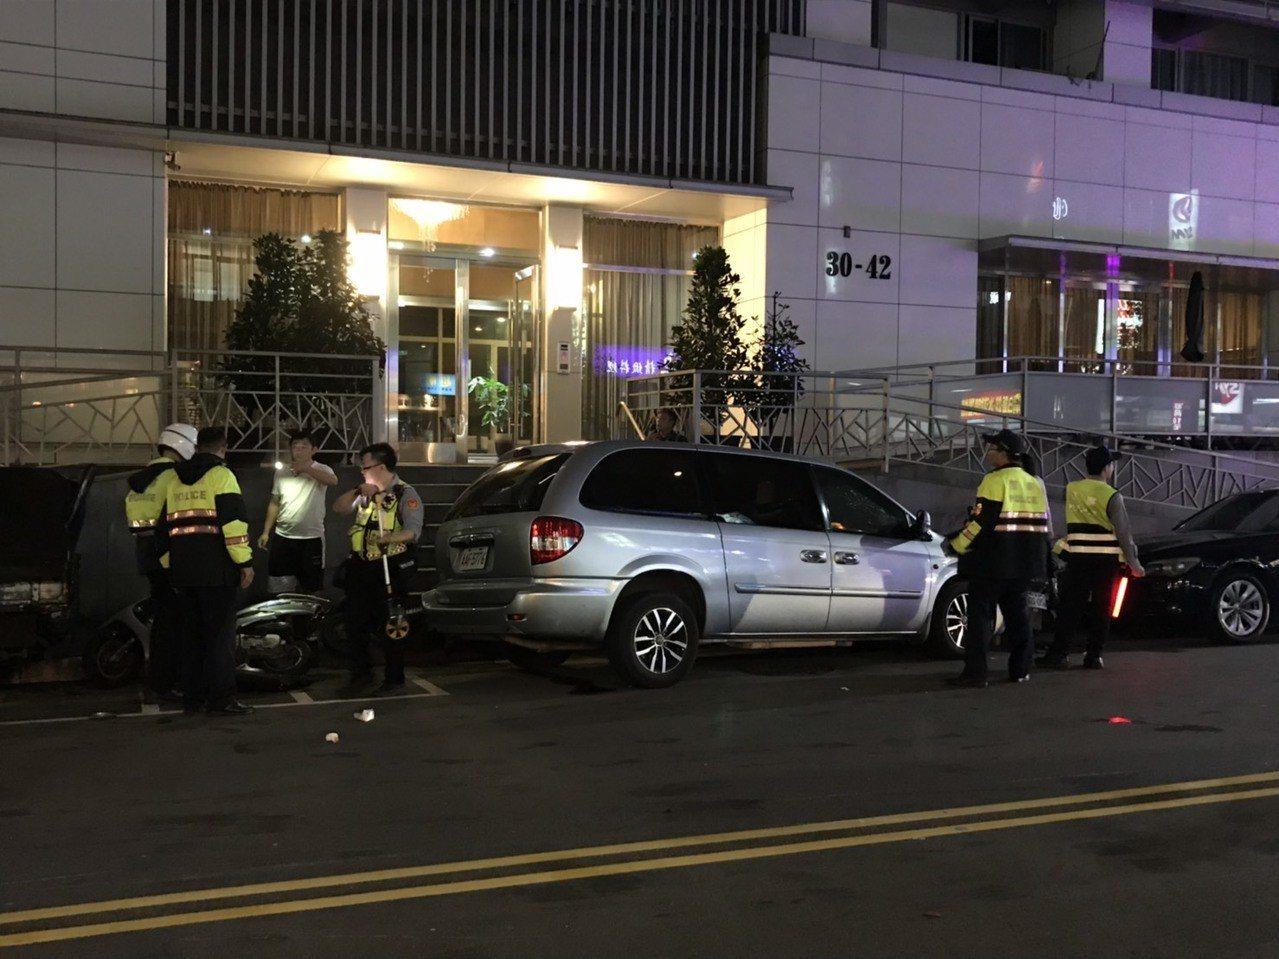 陳姓駕駛休旅車,突然暴衝撞了7輛機車、3輛汽車。圖/記者廖炳棋翻攝